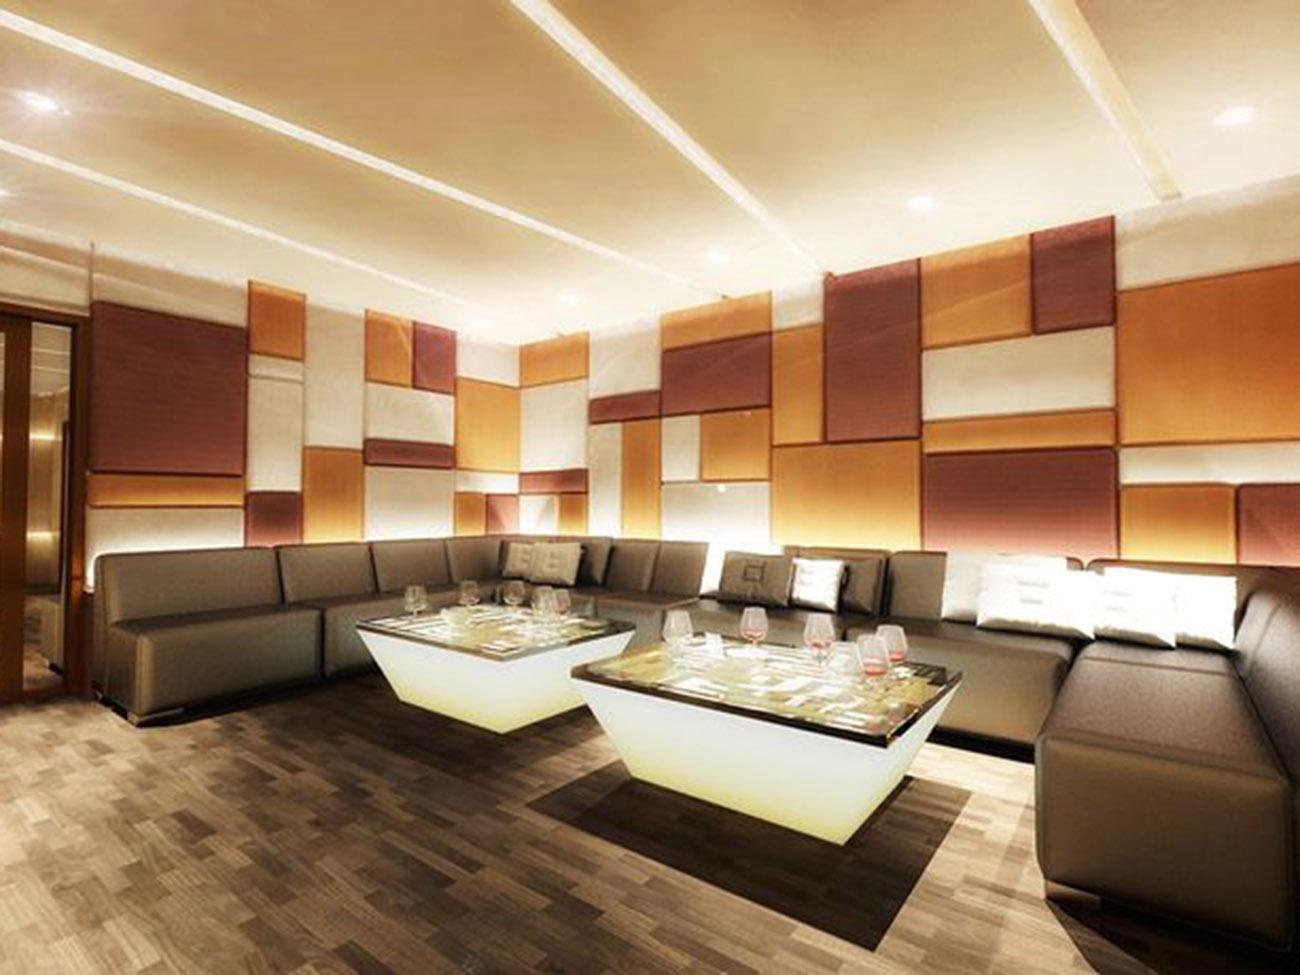 phòng hát karaoke được trang trí các mảng màu sắc đan xen